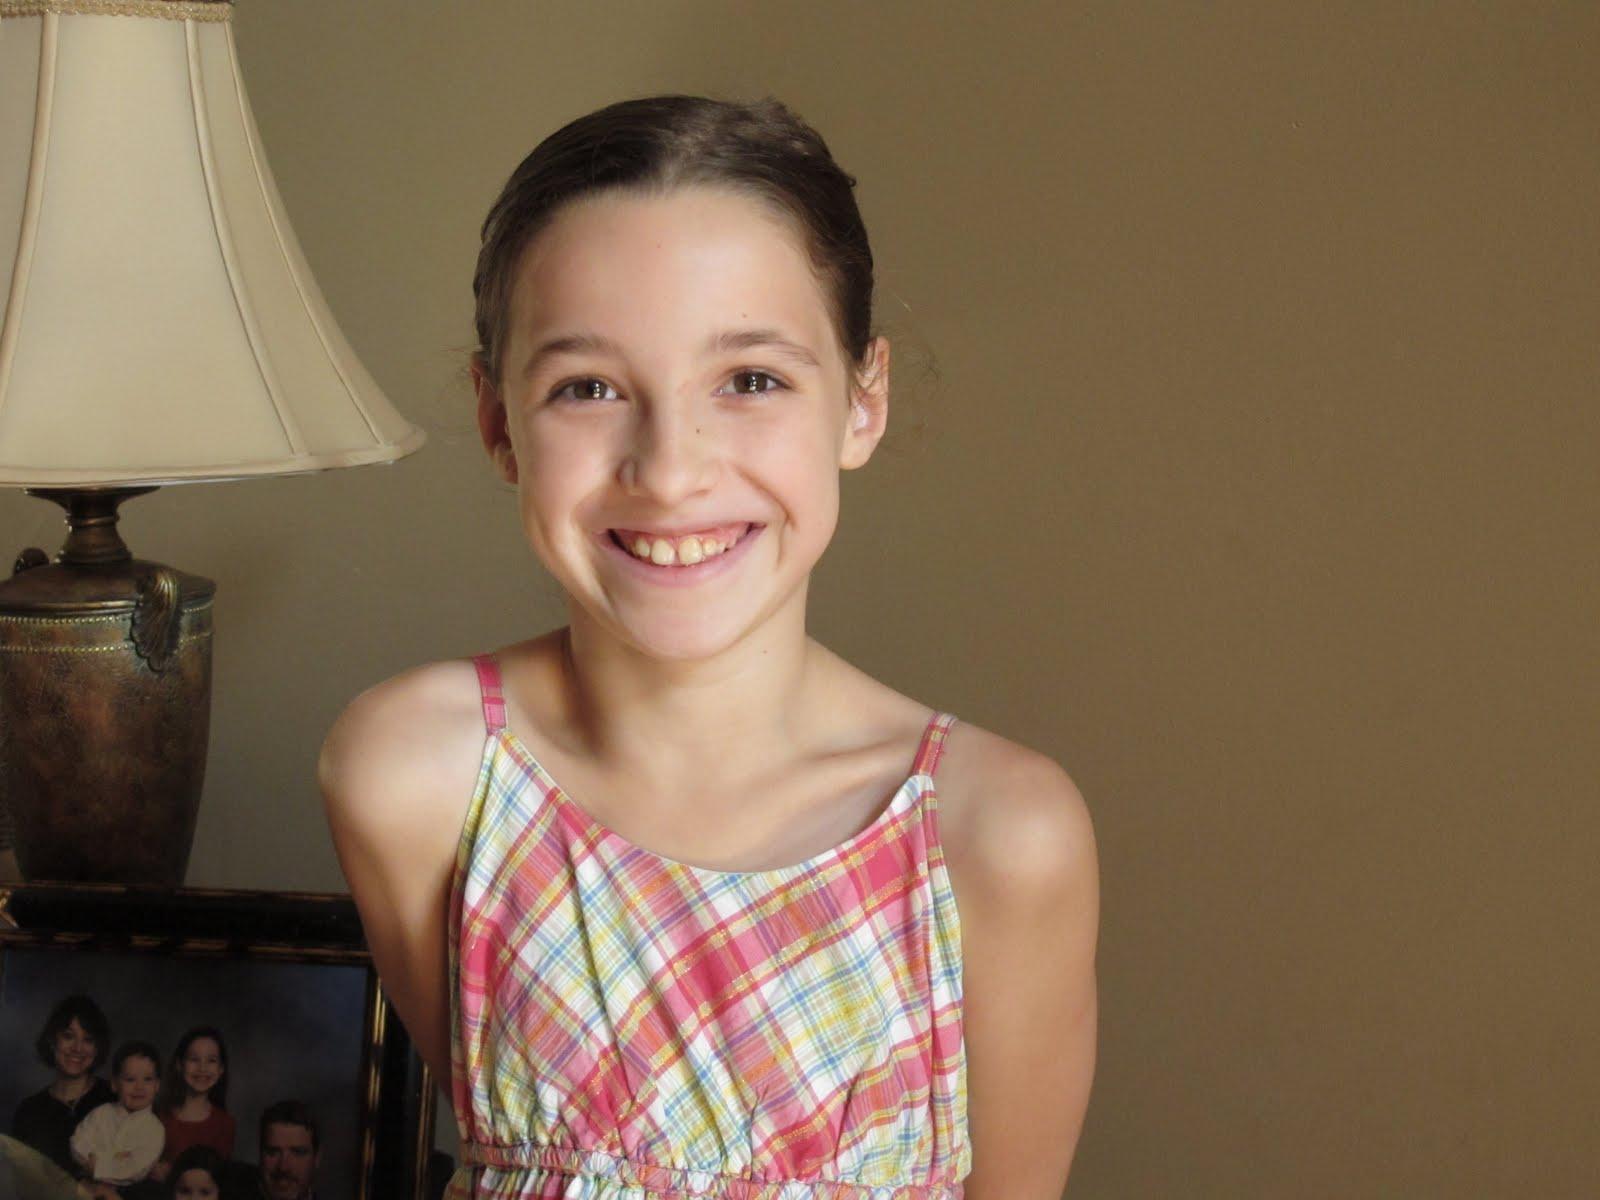 Сайт фото детей 12 лет